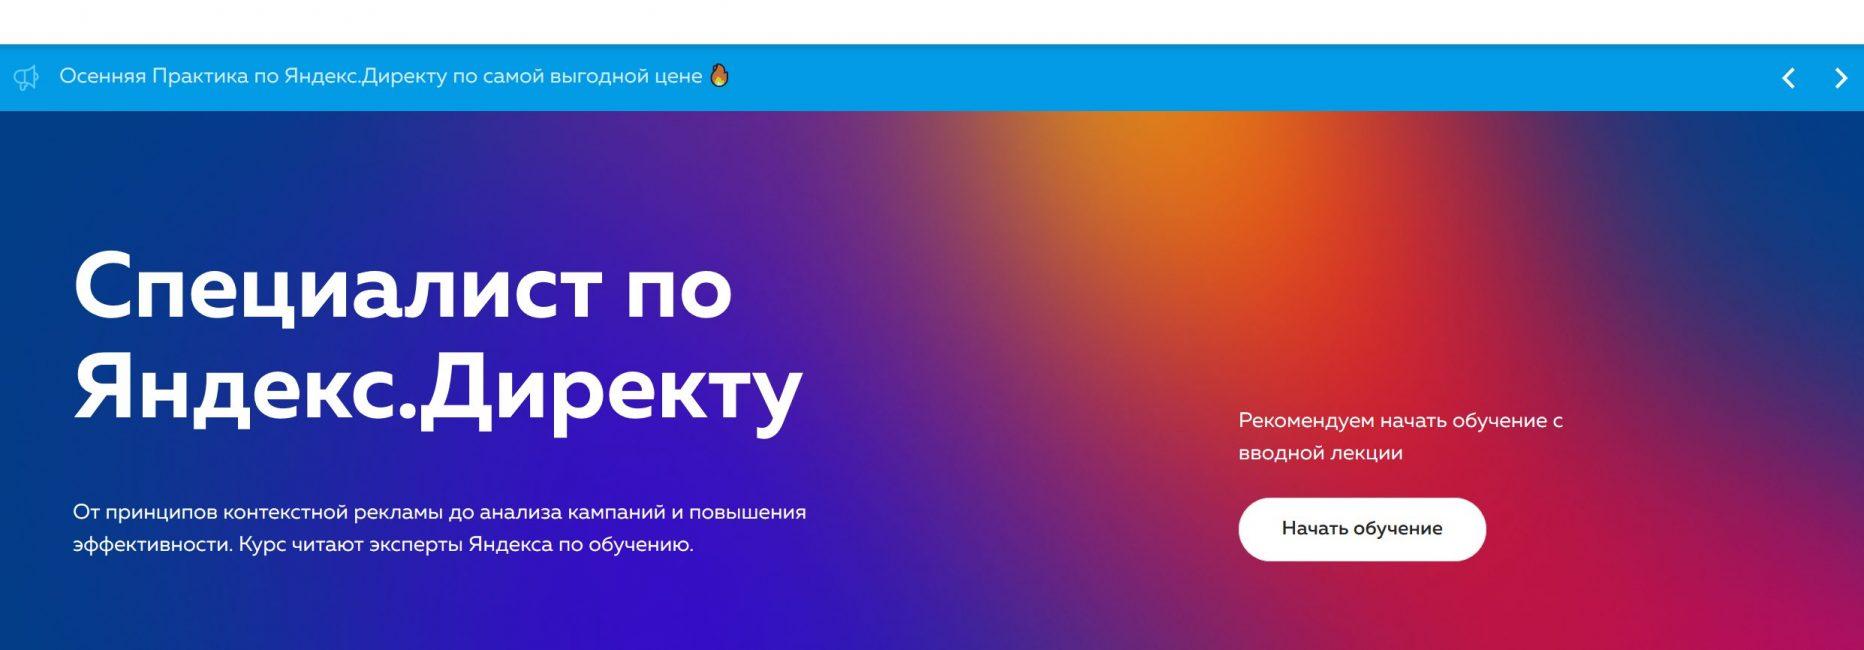 Специалист по Яндекс.Директ. от ppc.world